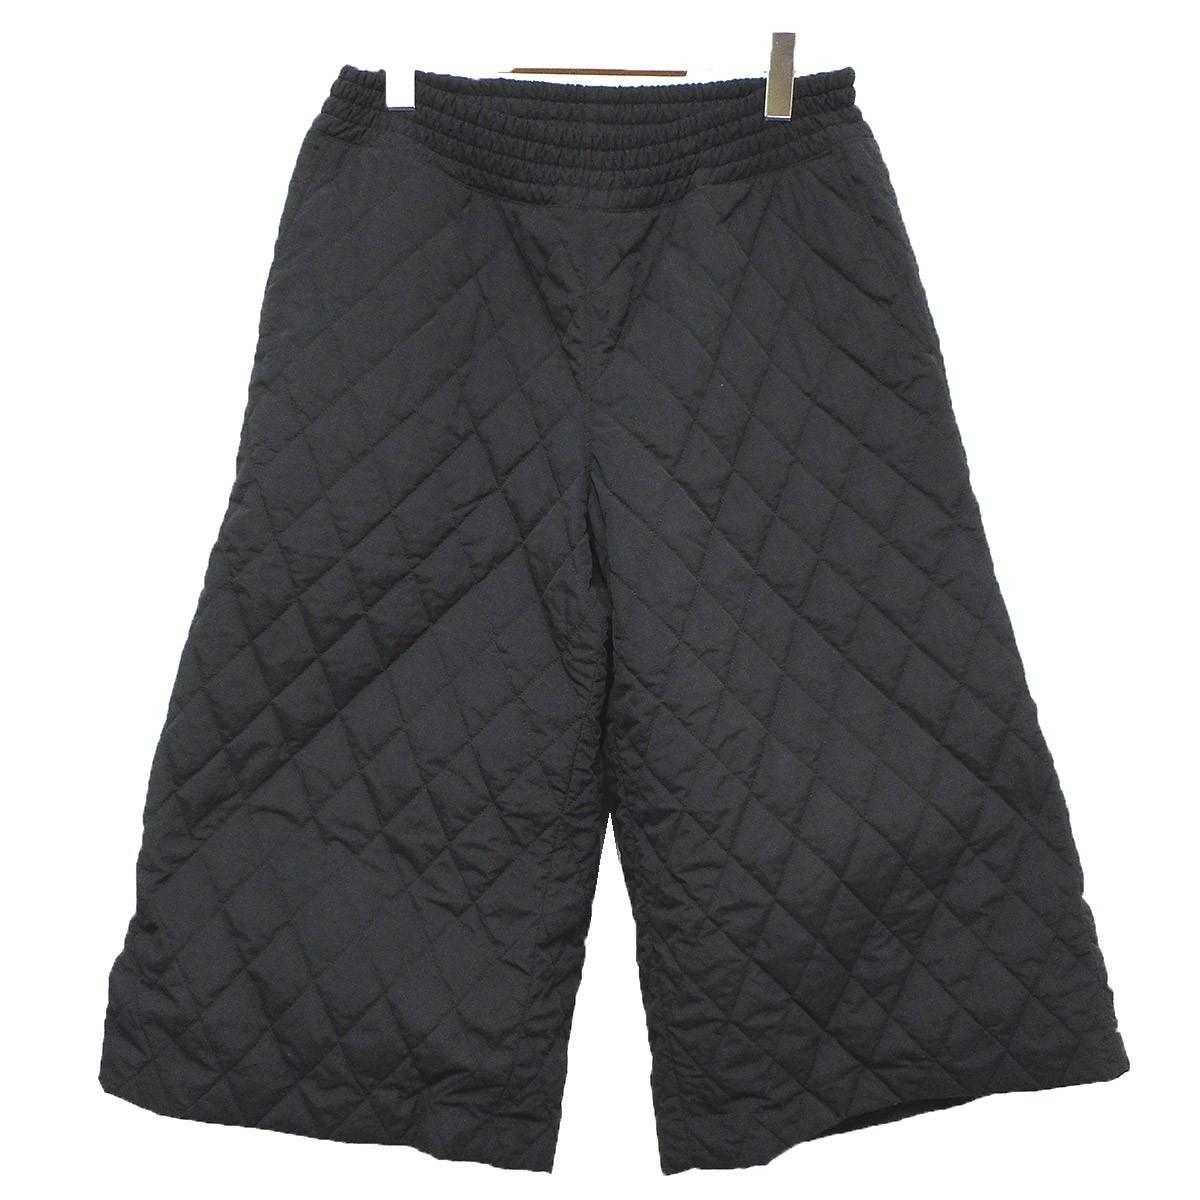 【中古】DRESSDUNDRESSED キルティングワイドパンツ ブラック サイズ:3 【260719】(ドレスドアンドレスド)